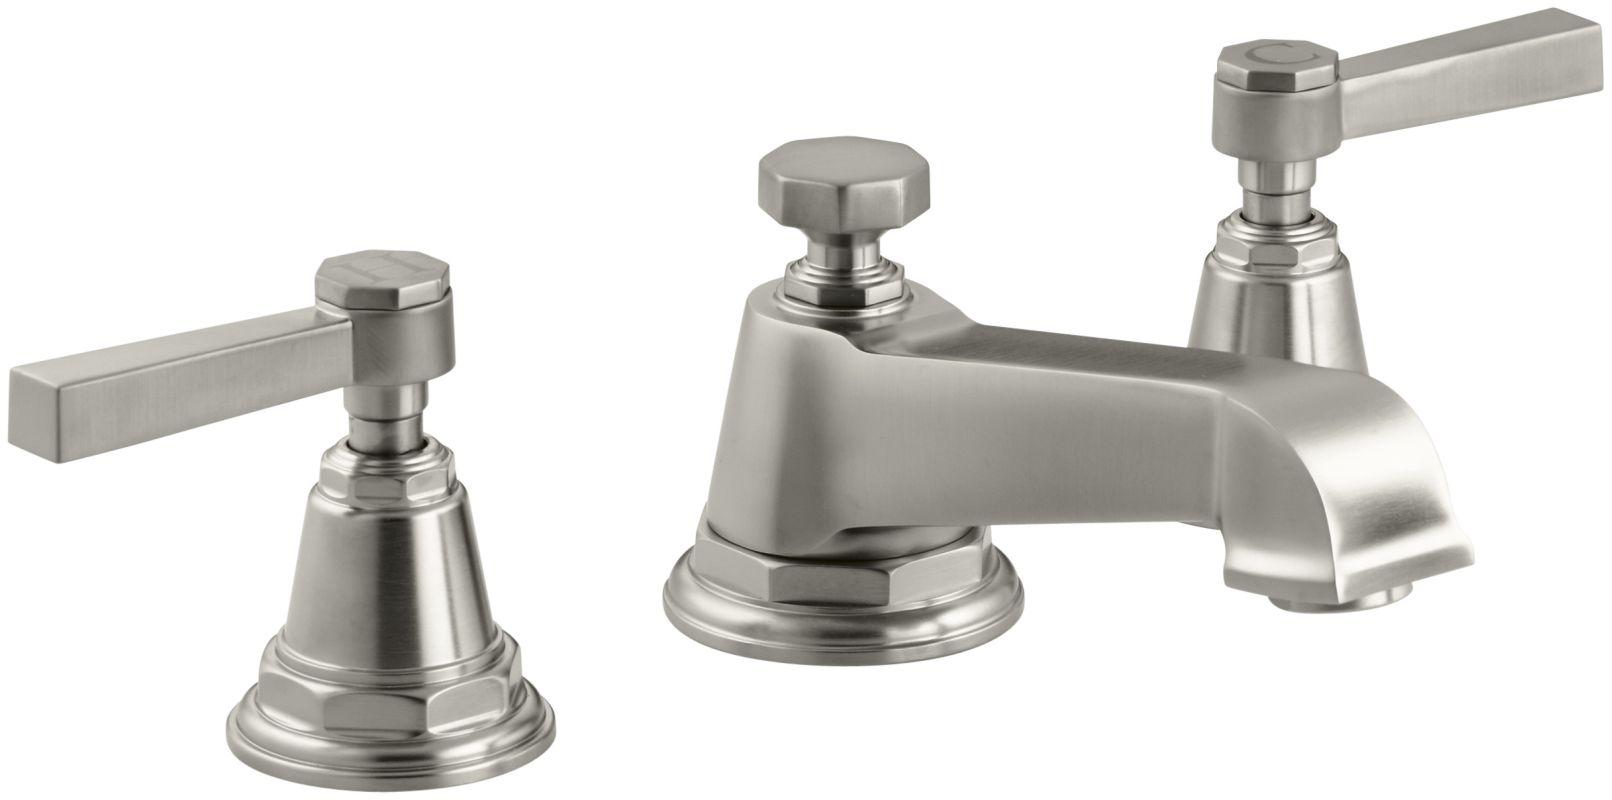 Faucet.com | K-13132-4A-BN in Brushed Nickel by Kohler